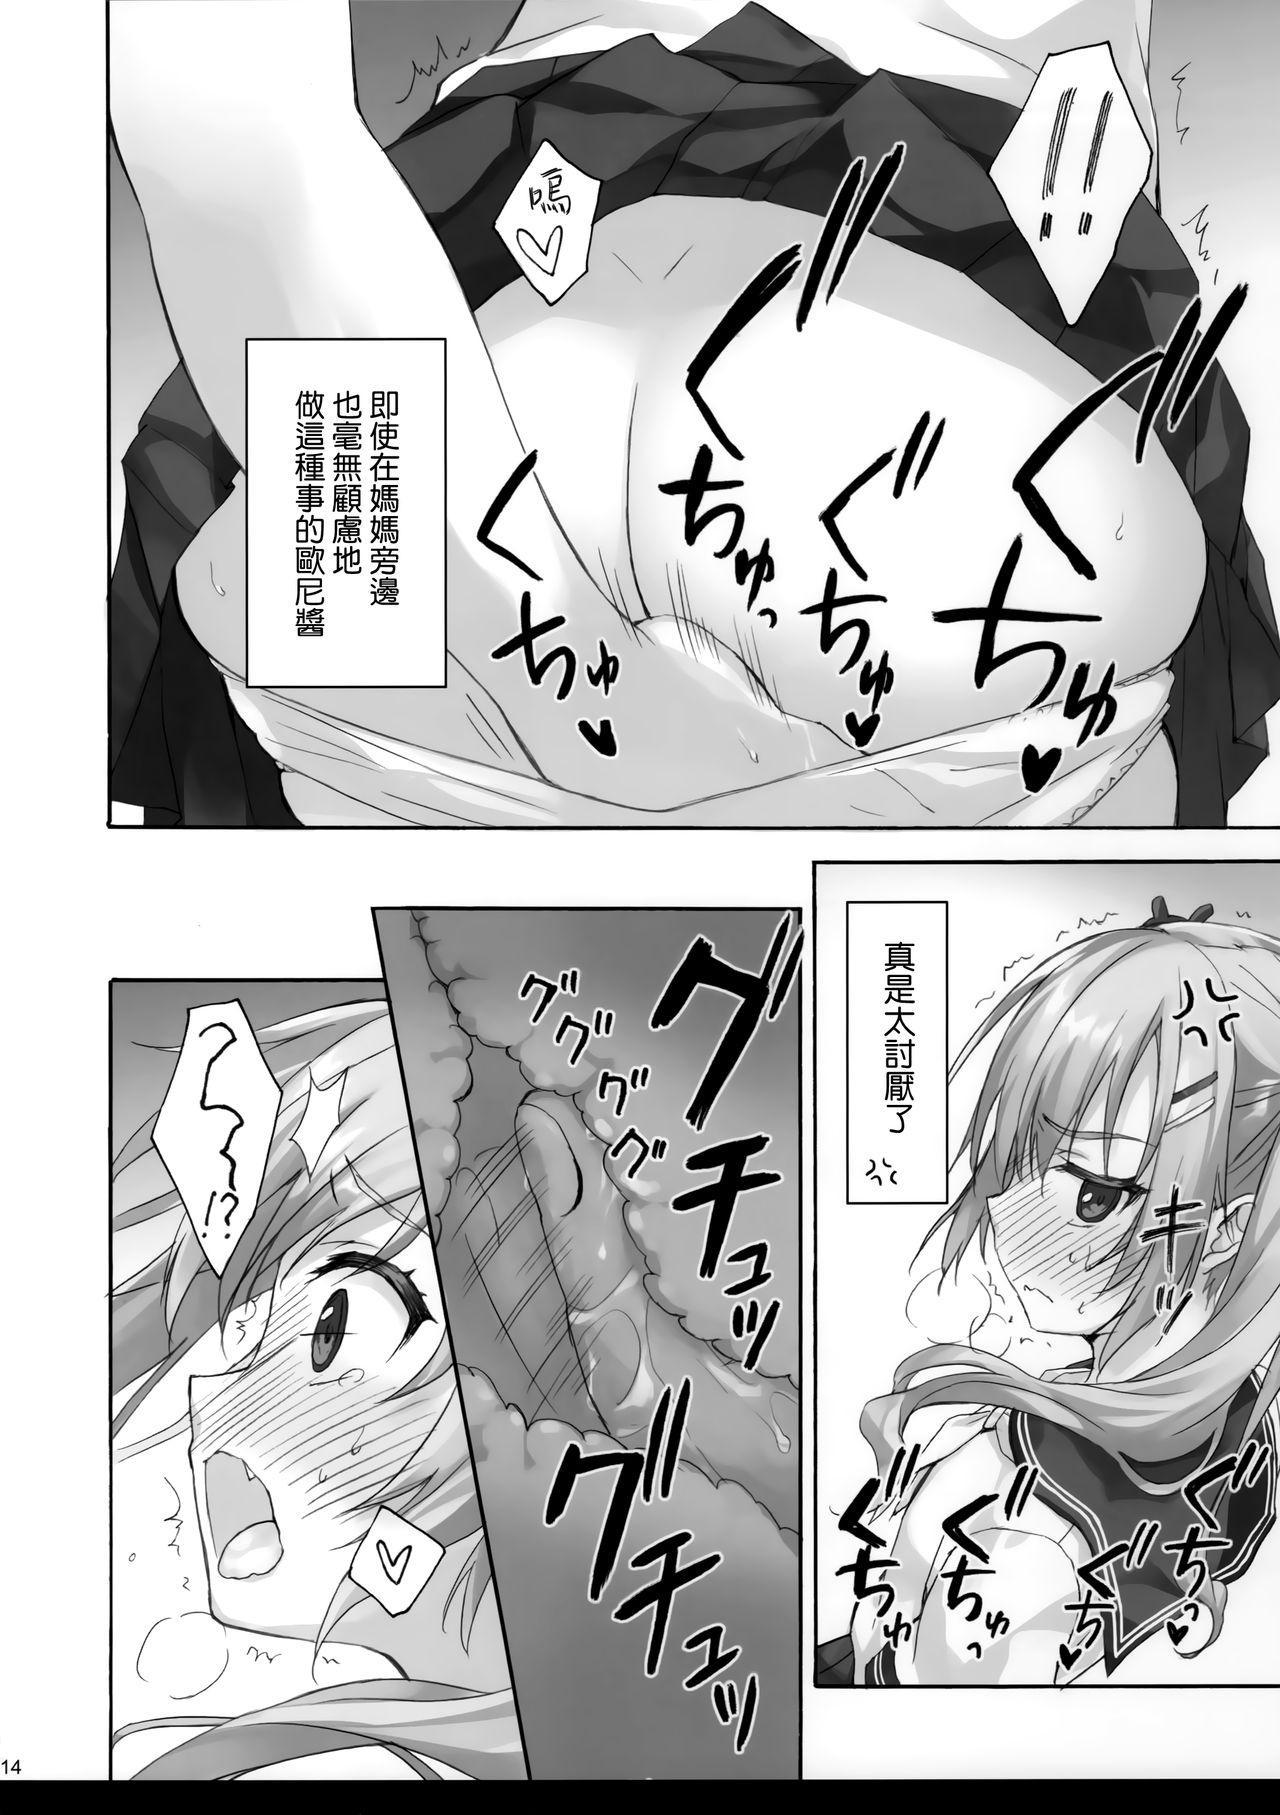 onii-chan no koto ha kirai dakedo sorenari ni daisuki2+1 12